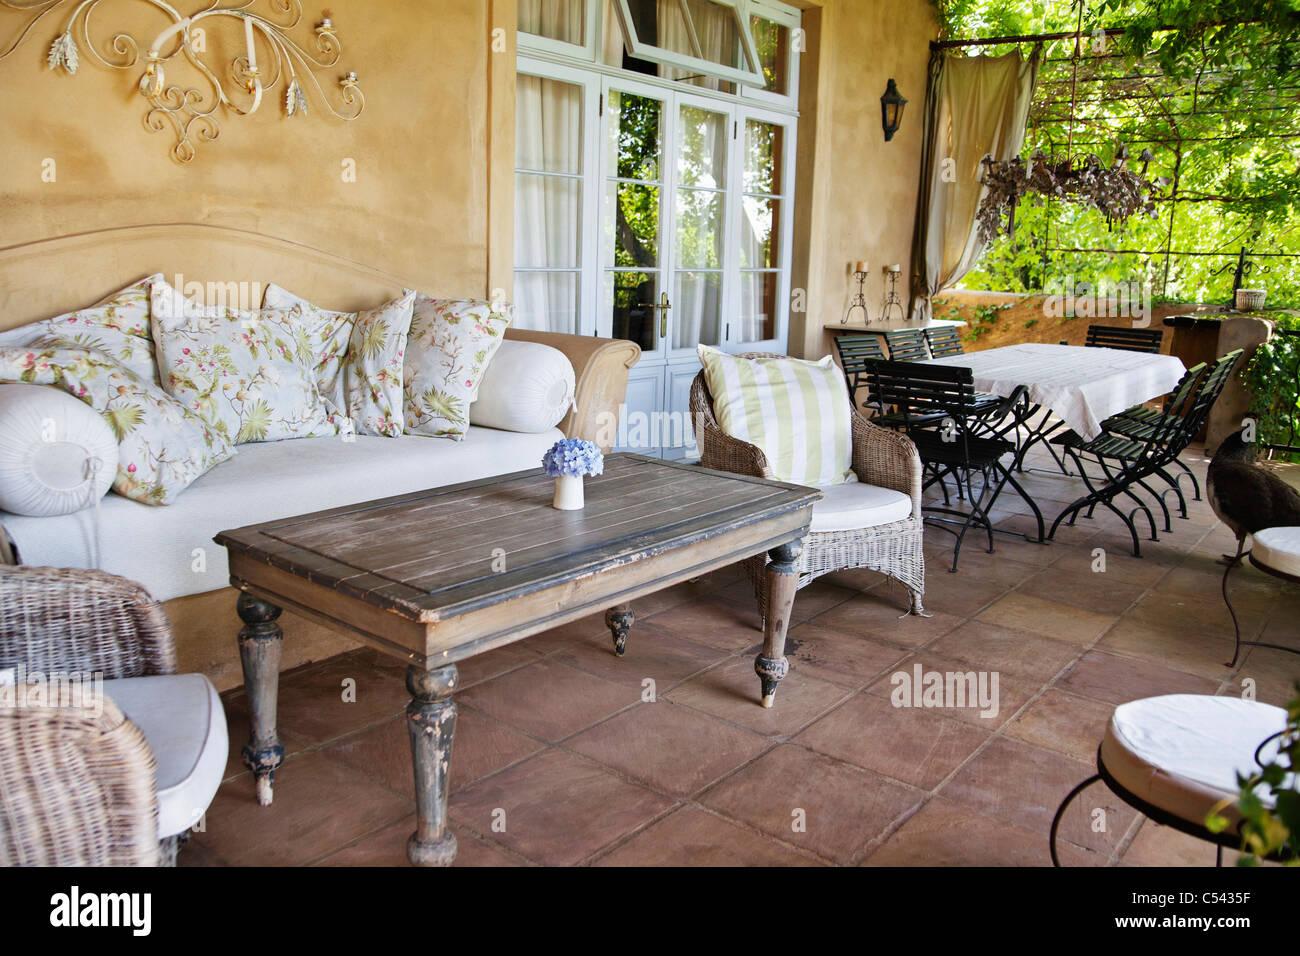 Blick Auf Balkon Mit Sitzecke Anordnung Stockfoto Bild 37584331